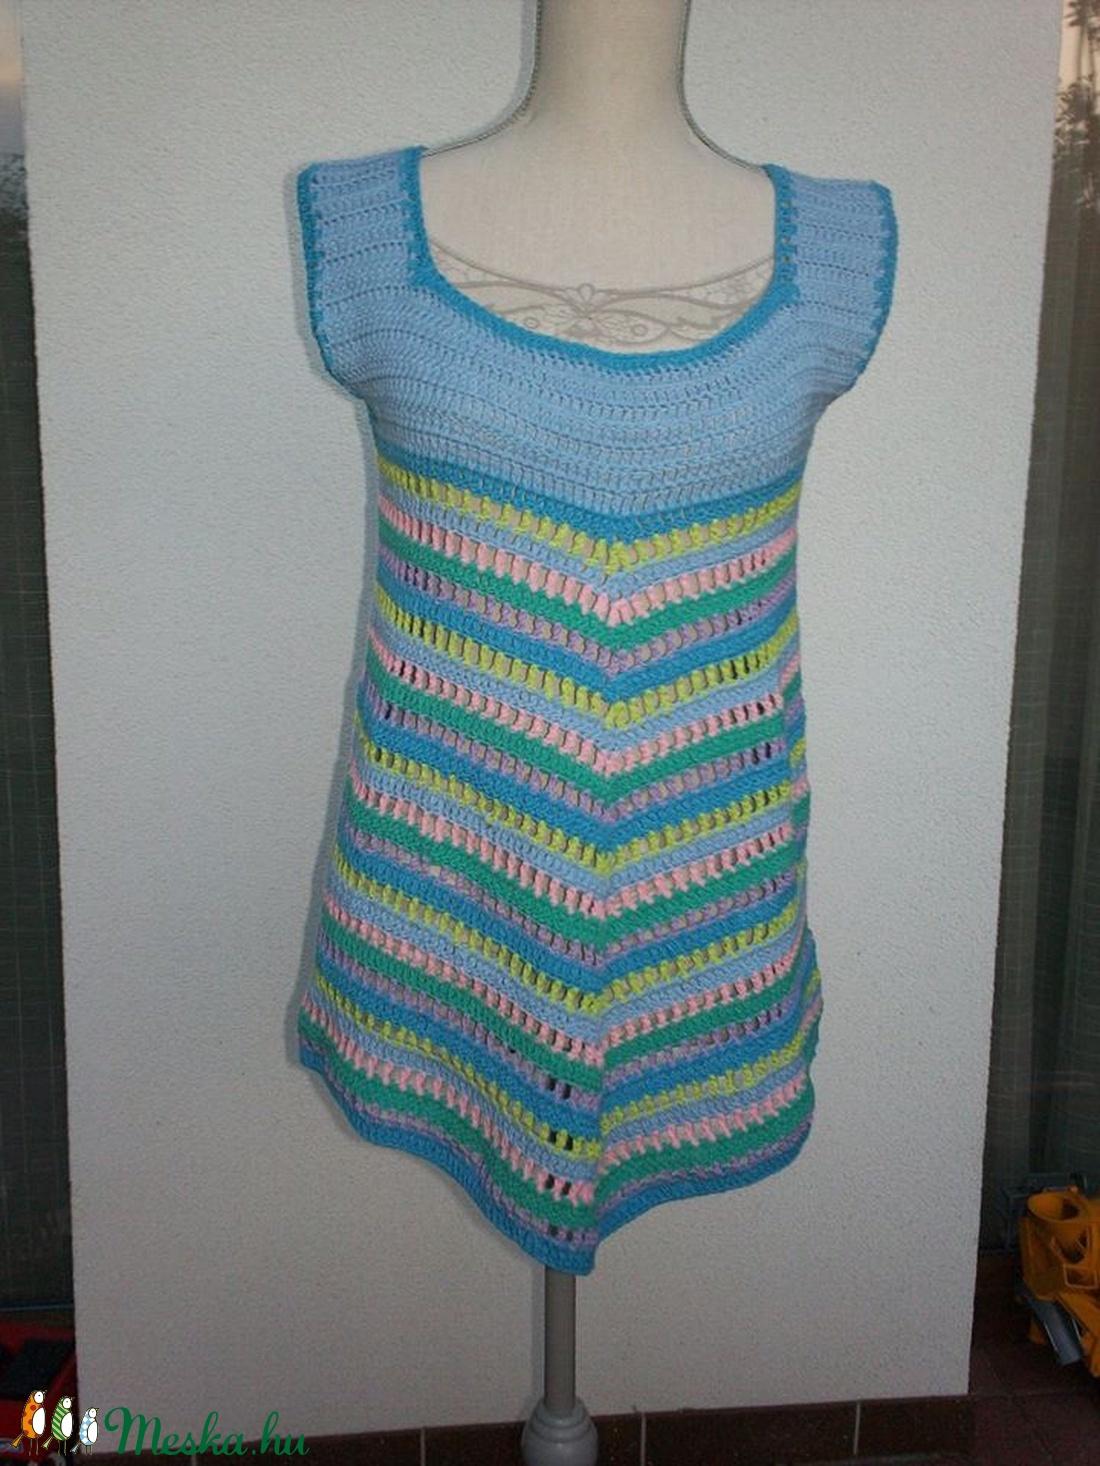 Pasztell és mégis színes hangulatú horgolt ruha - Meska.hu